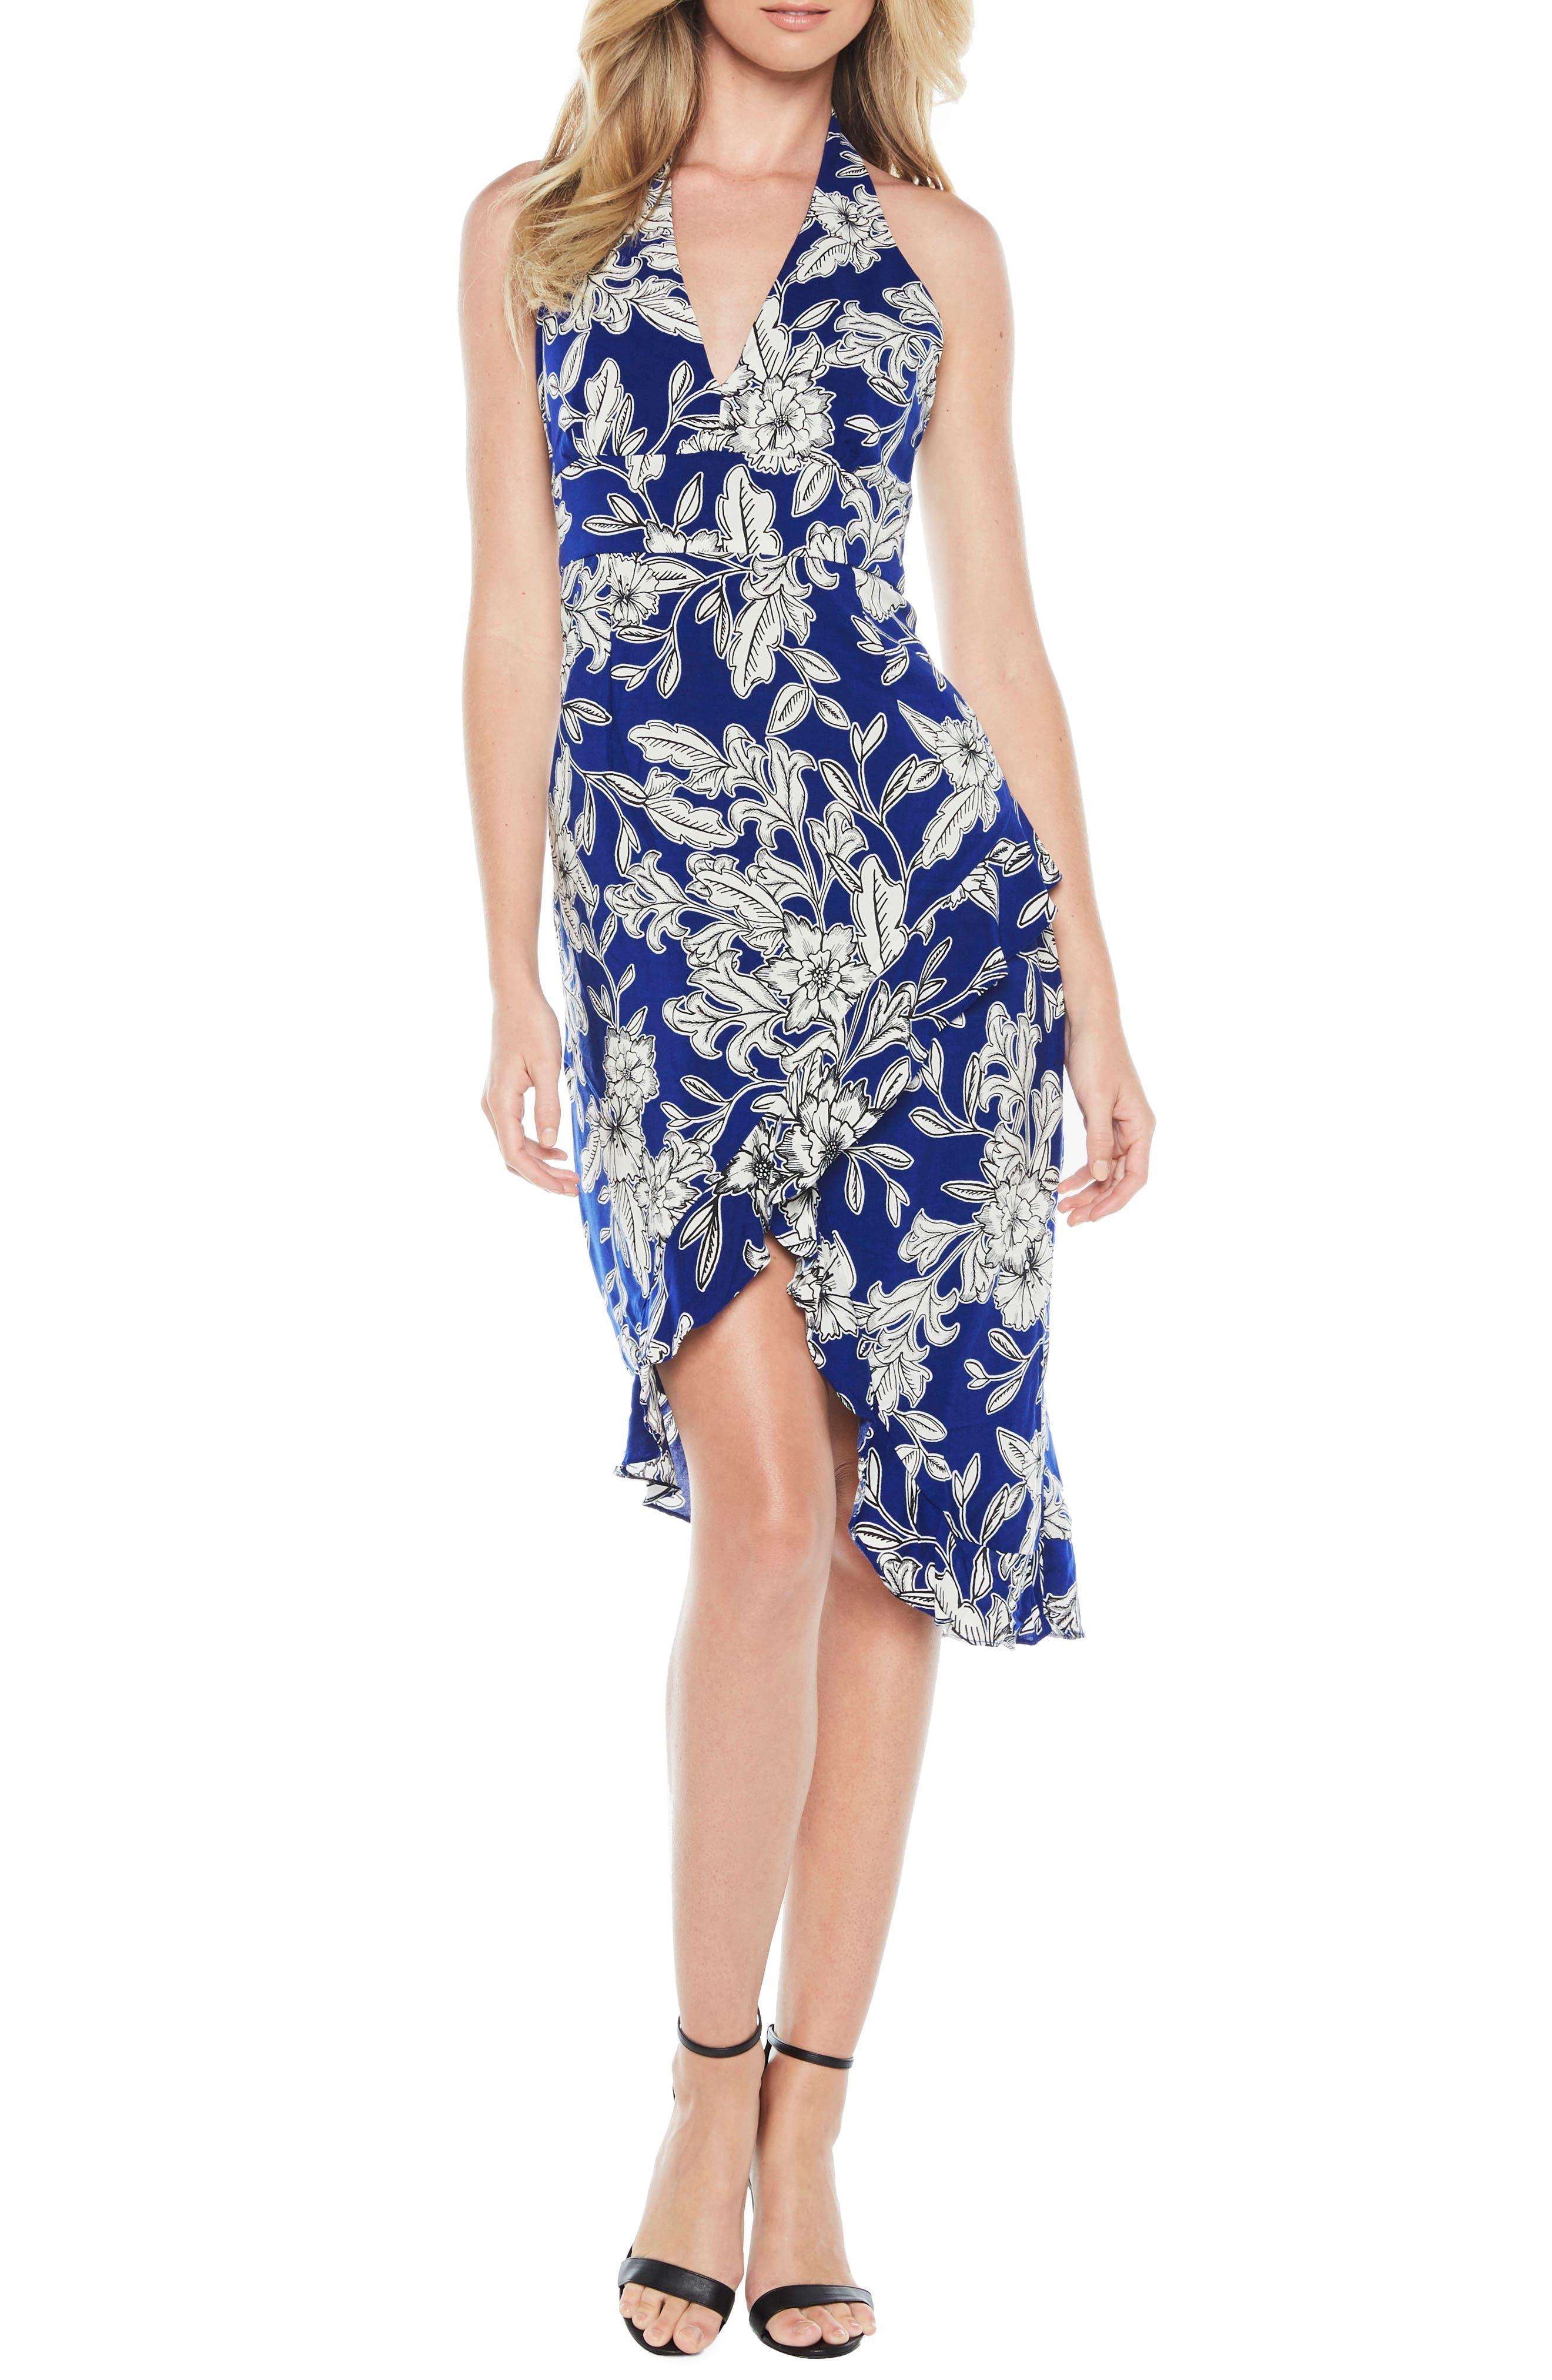 Petra Floral Dress,                         Main,                         color, Cobalt Floral